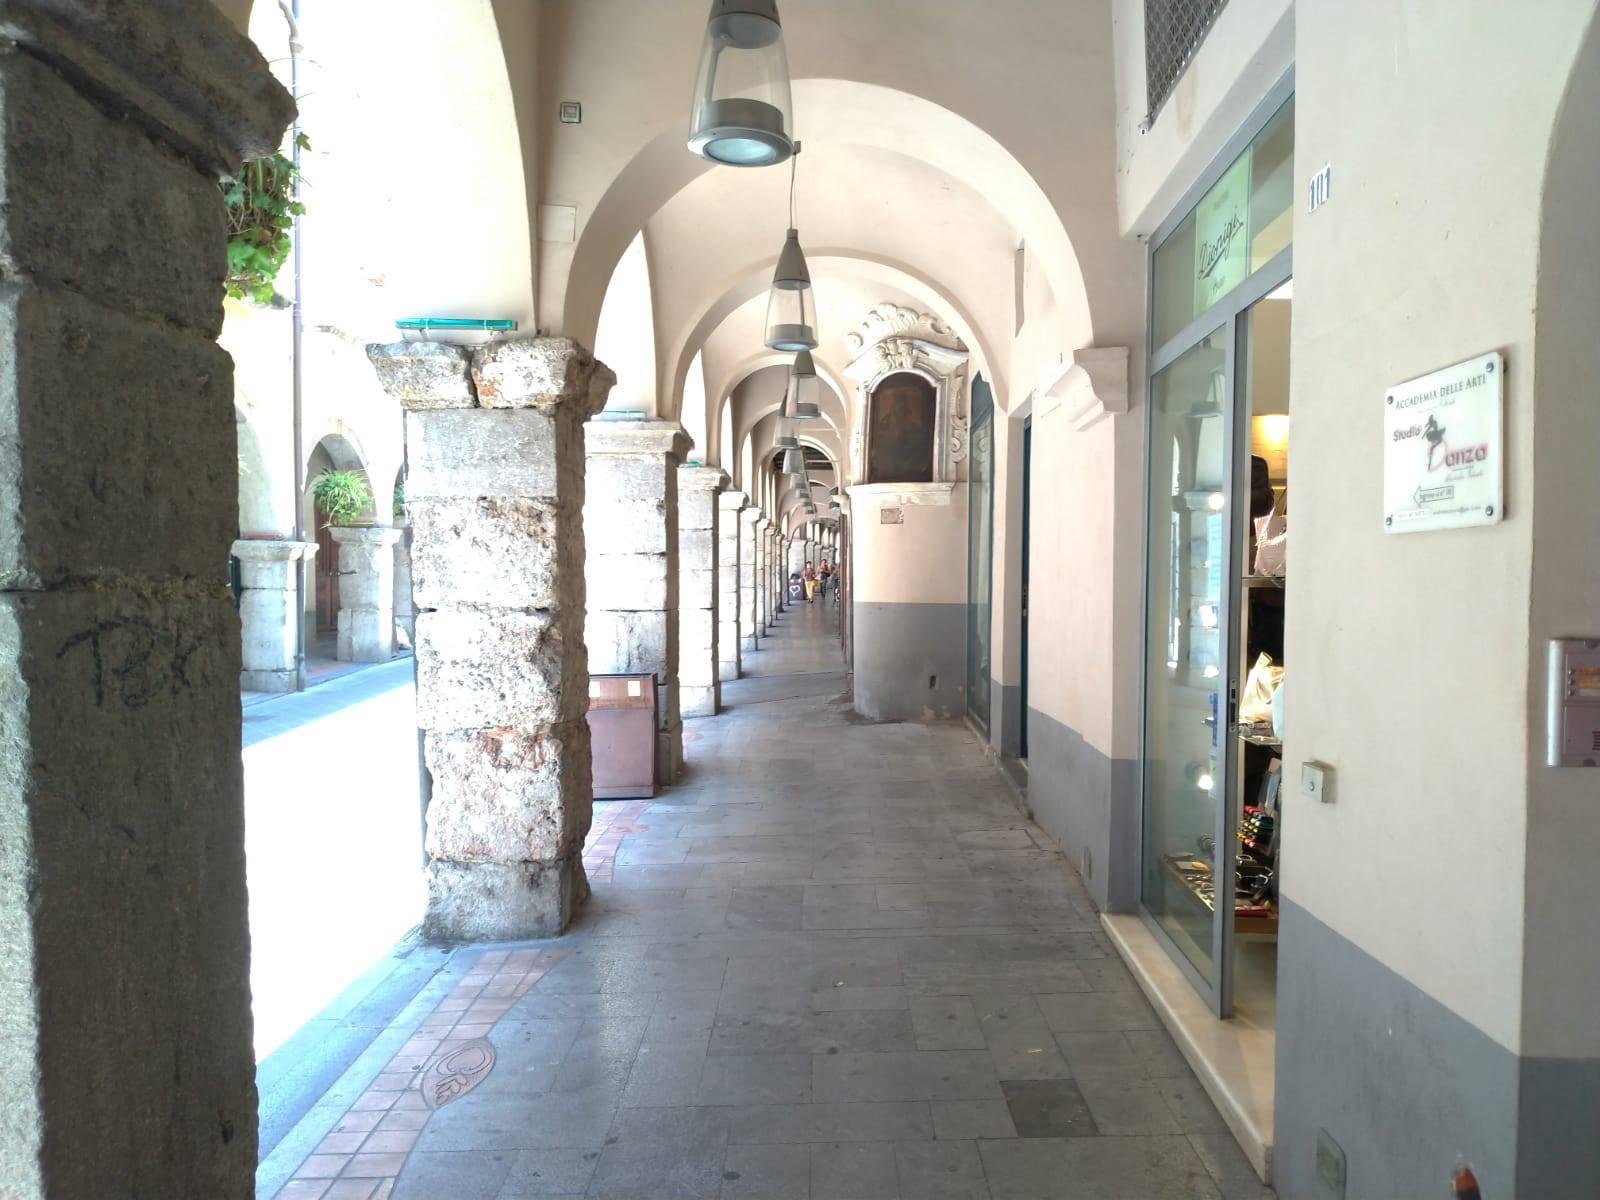 CAVA DE' TIRRENI, Negozio in affitto di 12 Mq, Buone condizioni, Classe energetica: G, posto al piano Terra, composto da: , 1 Bagno, Prezzo: € 800